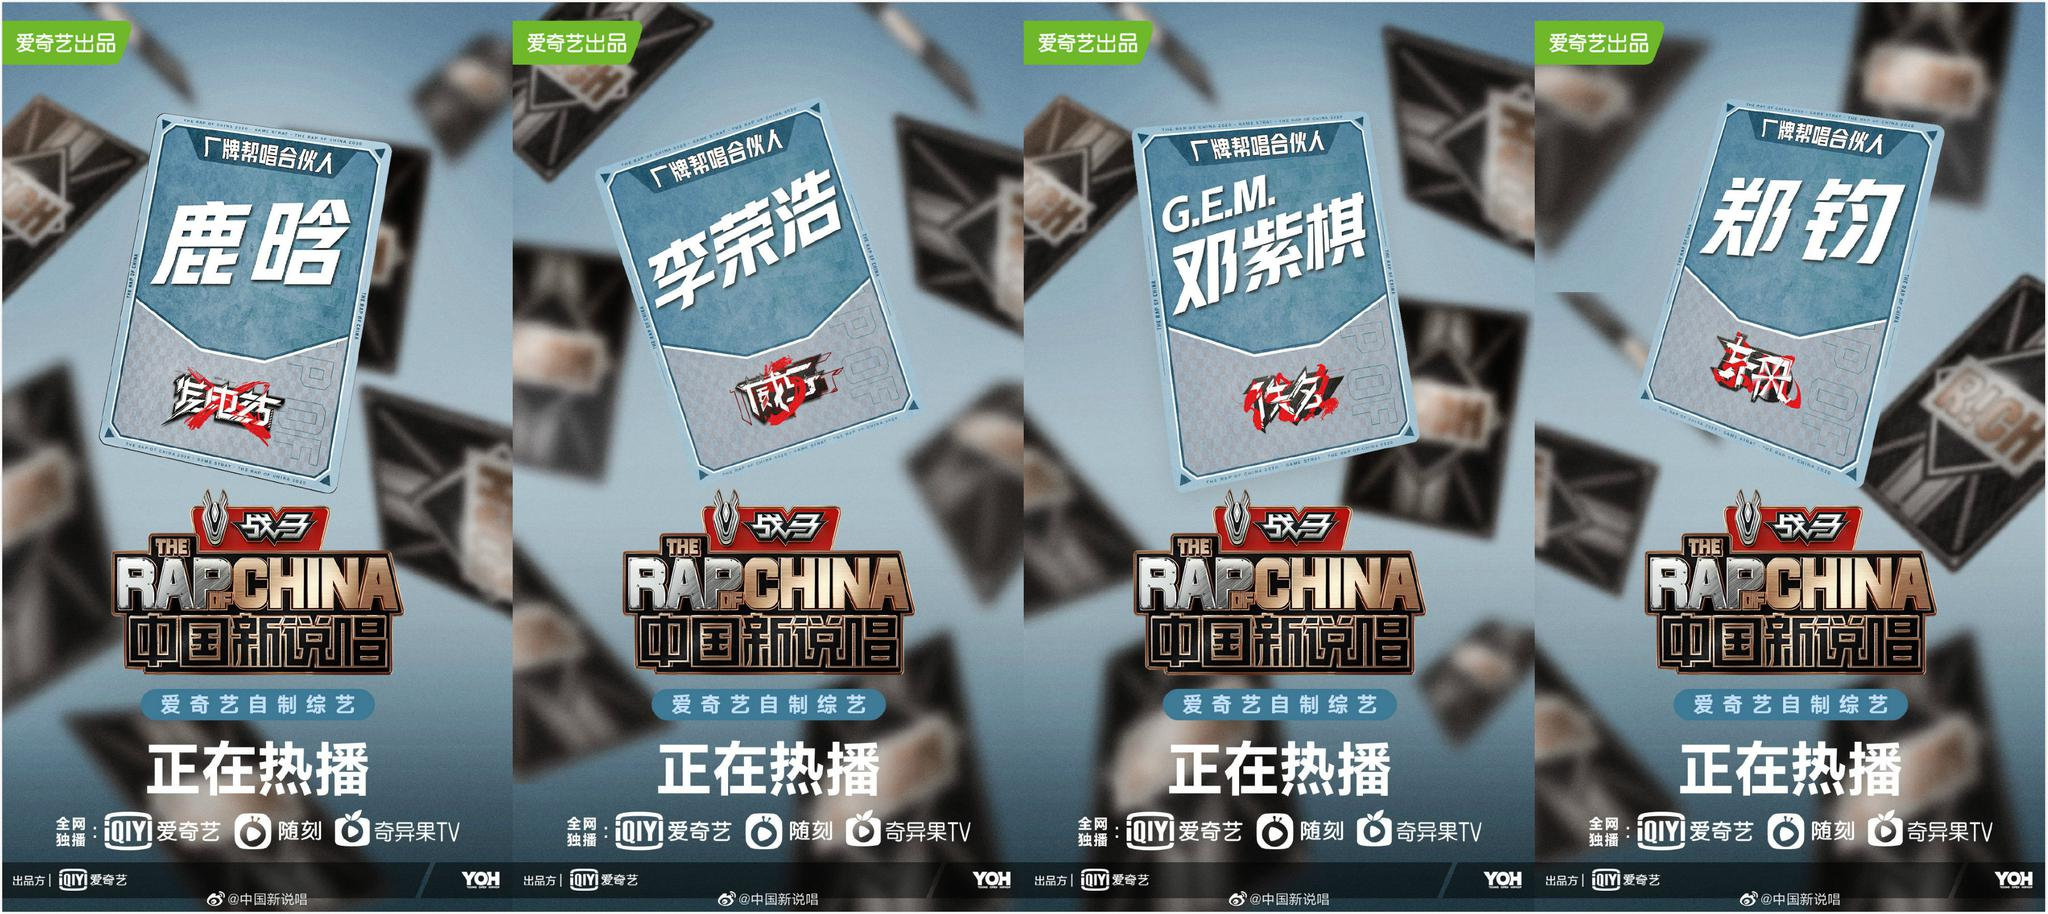 《中国新说唱2020》帮唱嘉宾曝光,鹿晗助阵吴亦凡厂牌图片